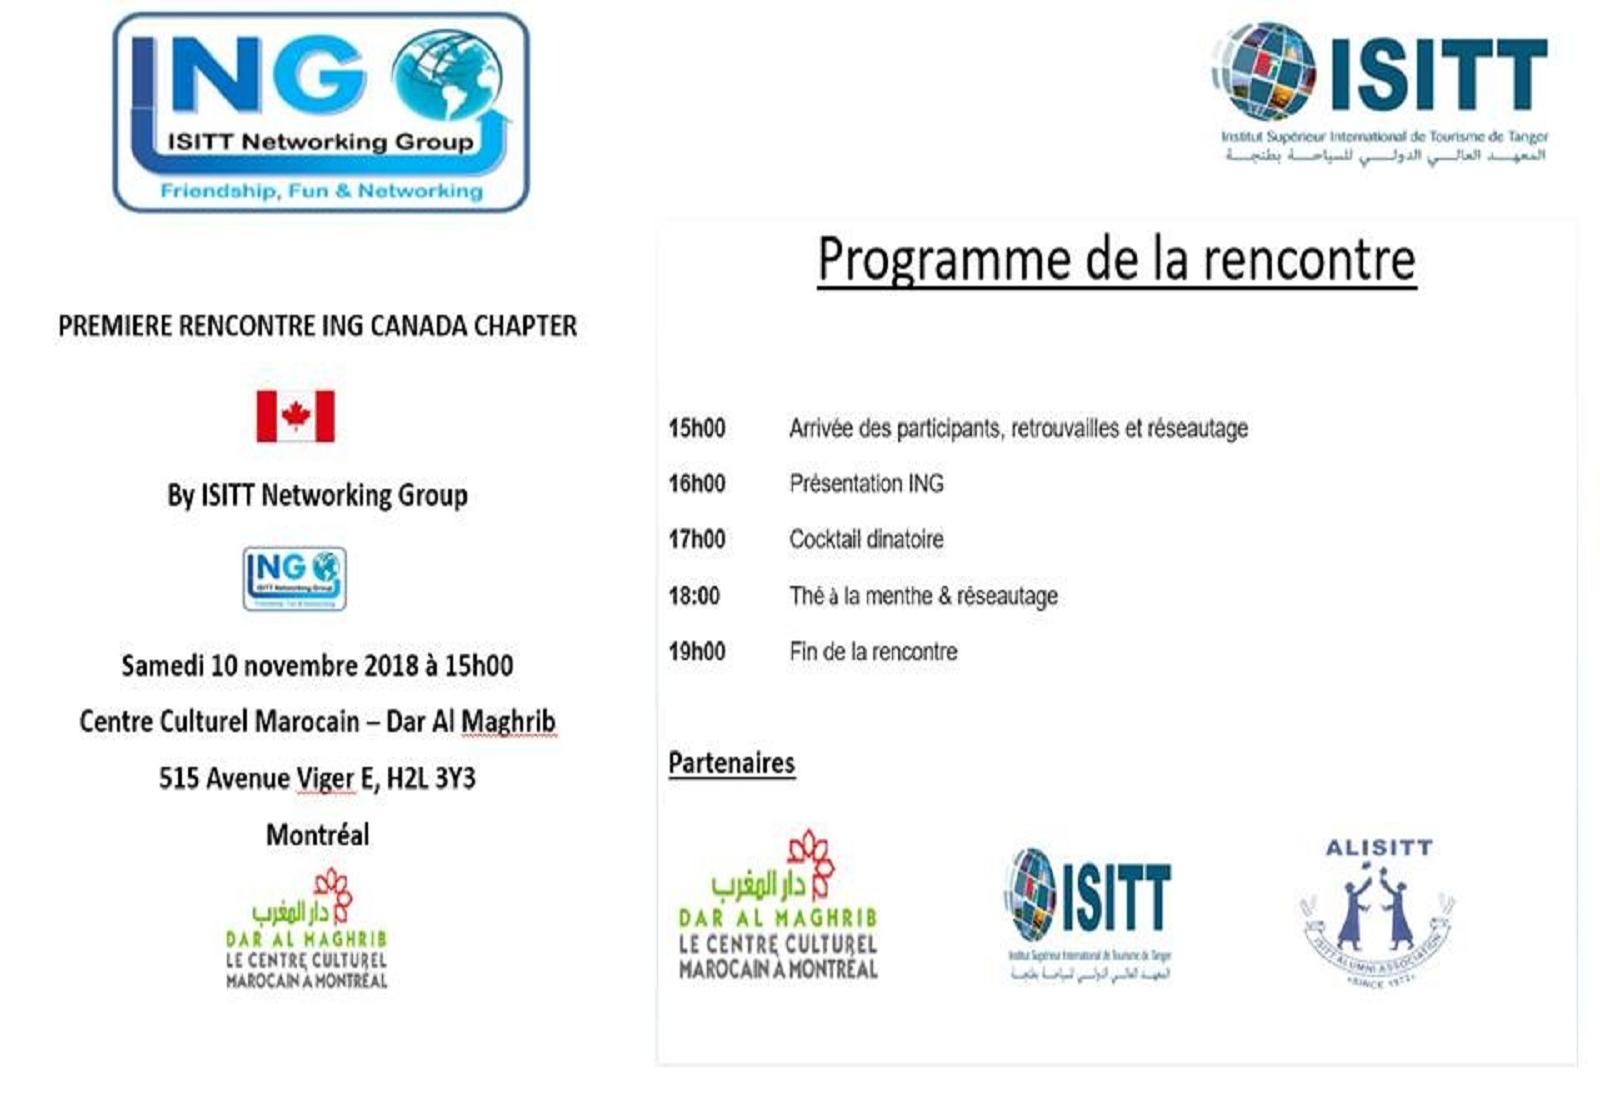 Rencontre des lauréats de l'Institut Supérieur International du Tourisme de Tanger (ISITT)